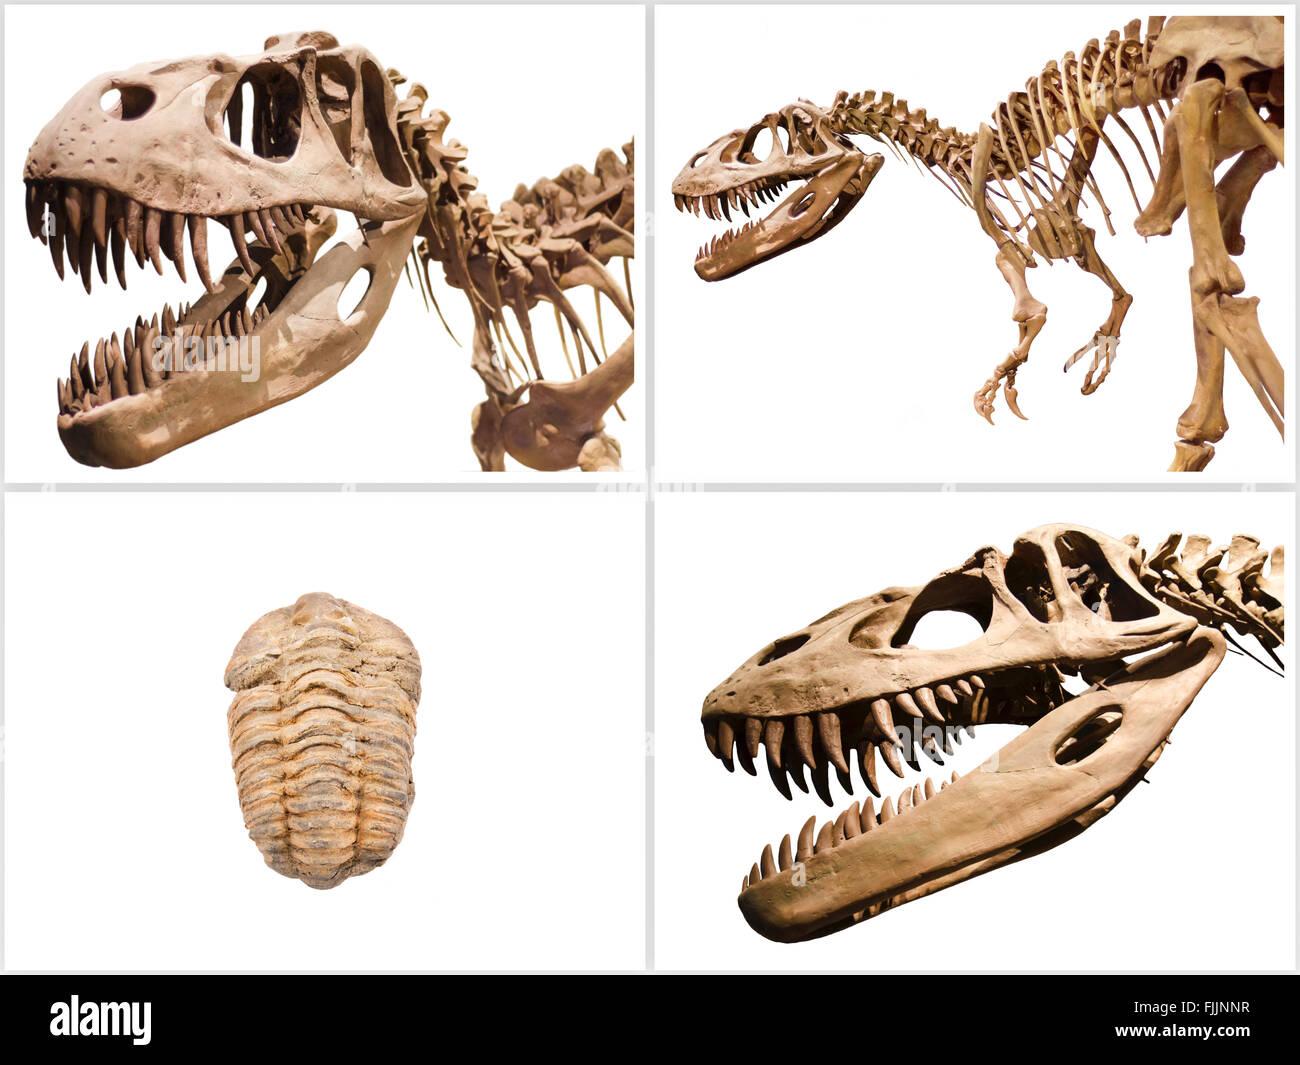 Satz von Skelett und Trilobiten fossilen Dinosaurier, auf weißem Hintergrund isoliert. Stockbild